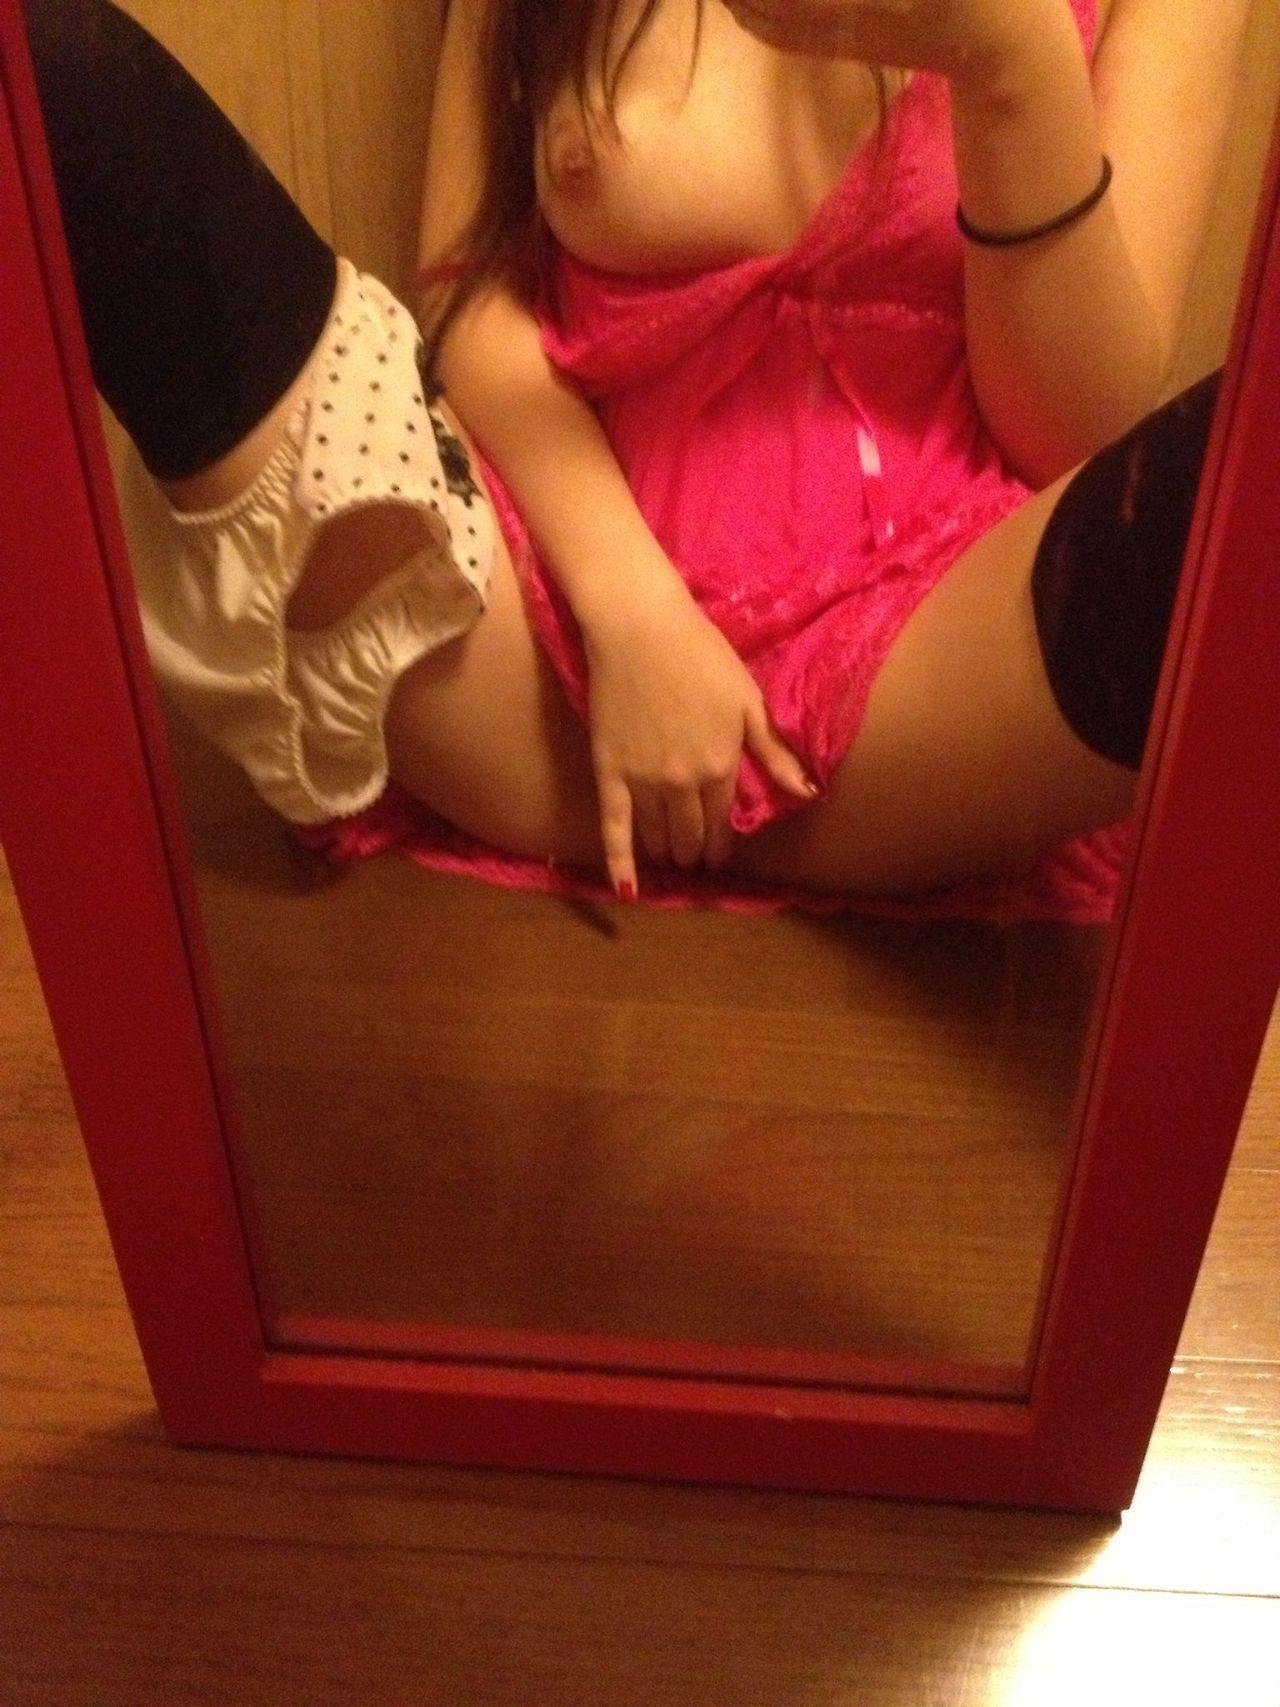 hot fille nue du 46 en photos